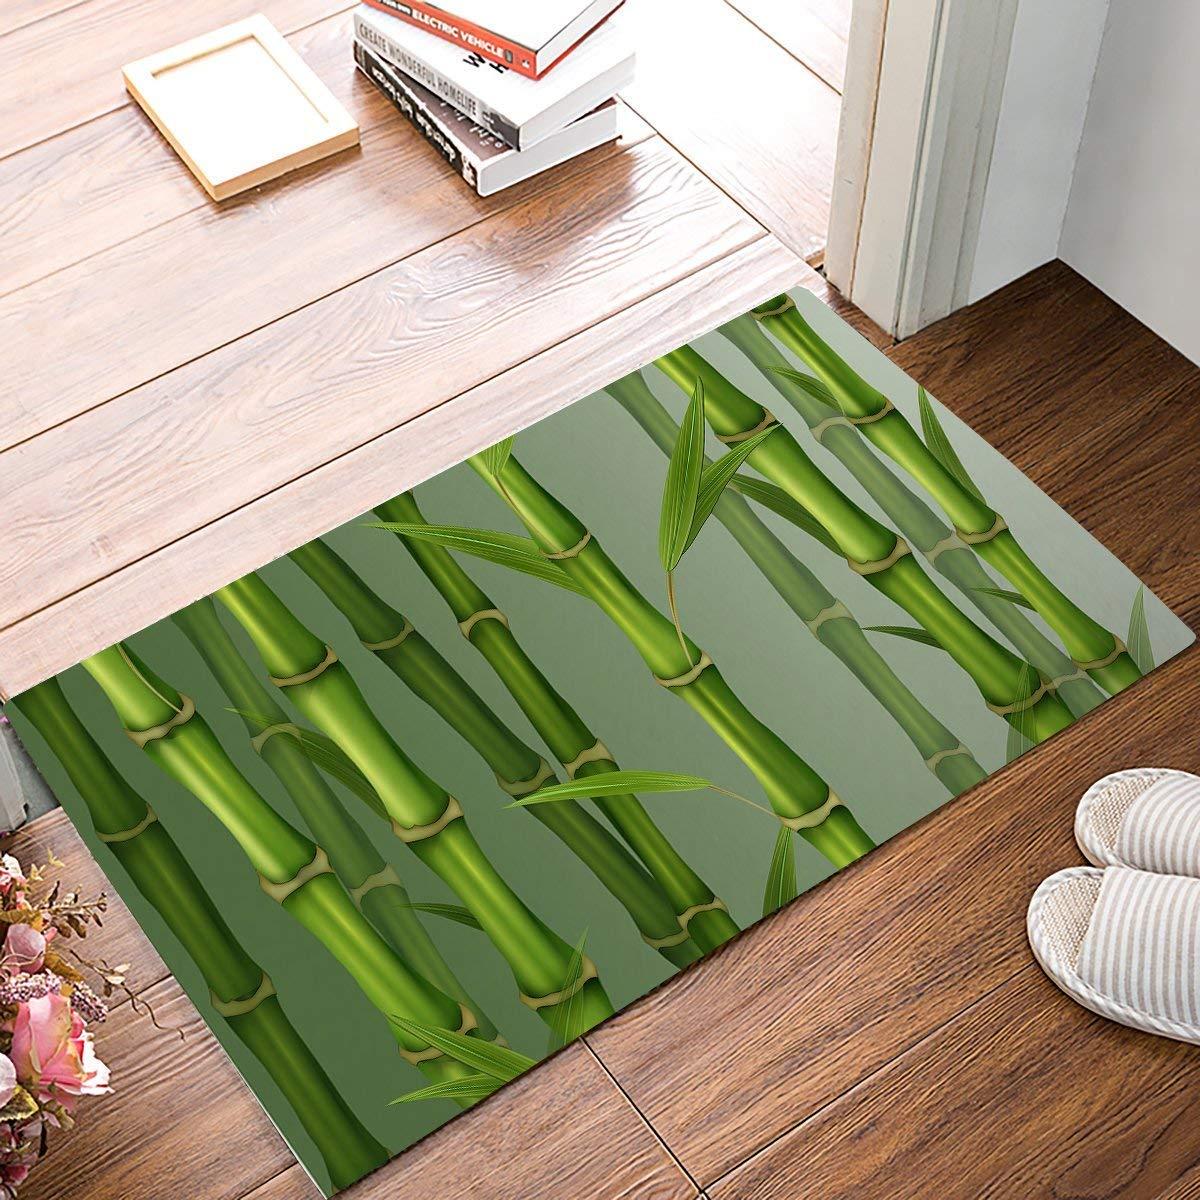 roylery Door Mats Rug,Floor Mats Front Doormats Non-Slip Bedroom Carpet Home Kitchen Rug Bamboo Spa(15.7x23.6 inch)